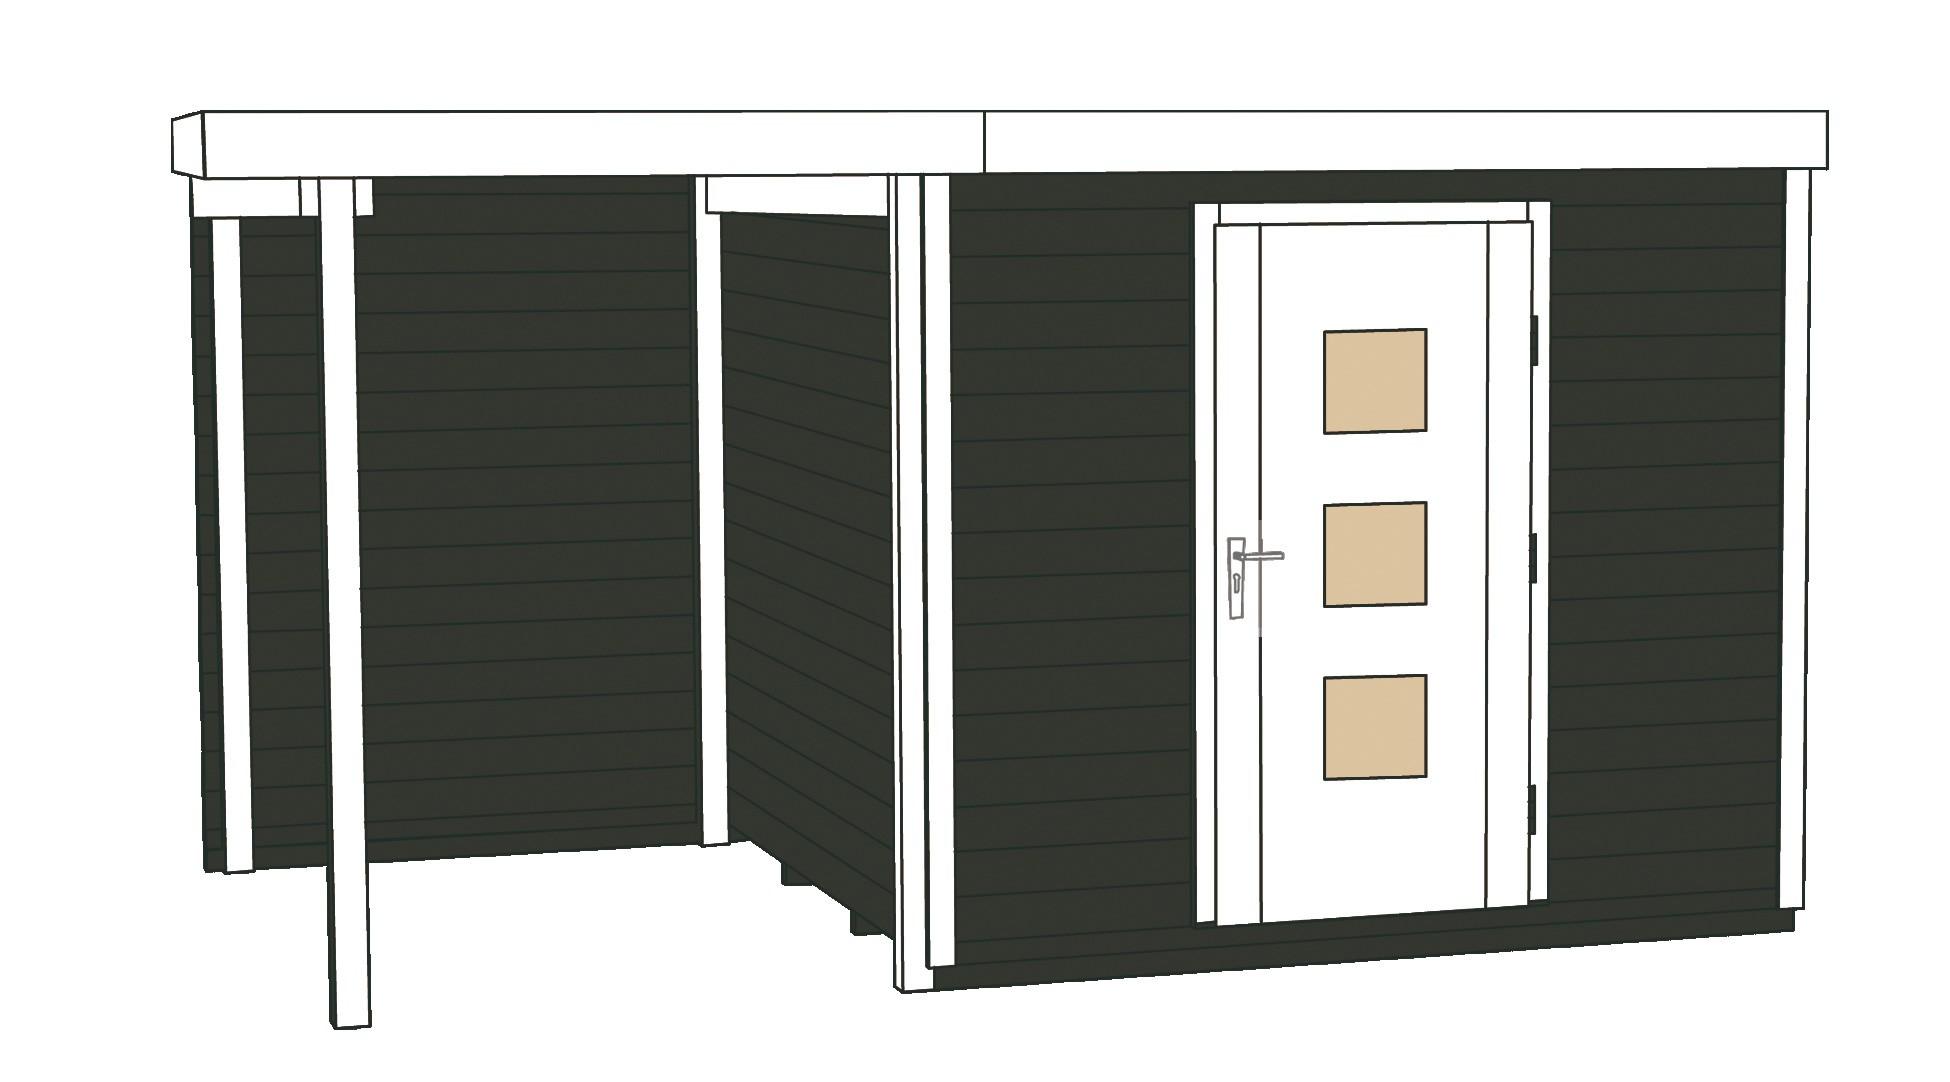 Weka Gartenhaus Designhaus wekaLine 413A Gr.2 anthrazit 460x310cm Bild 3